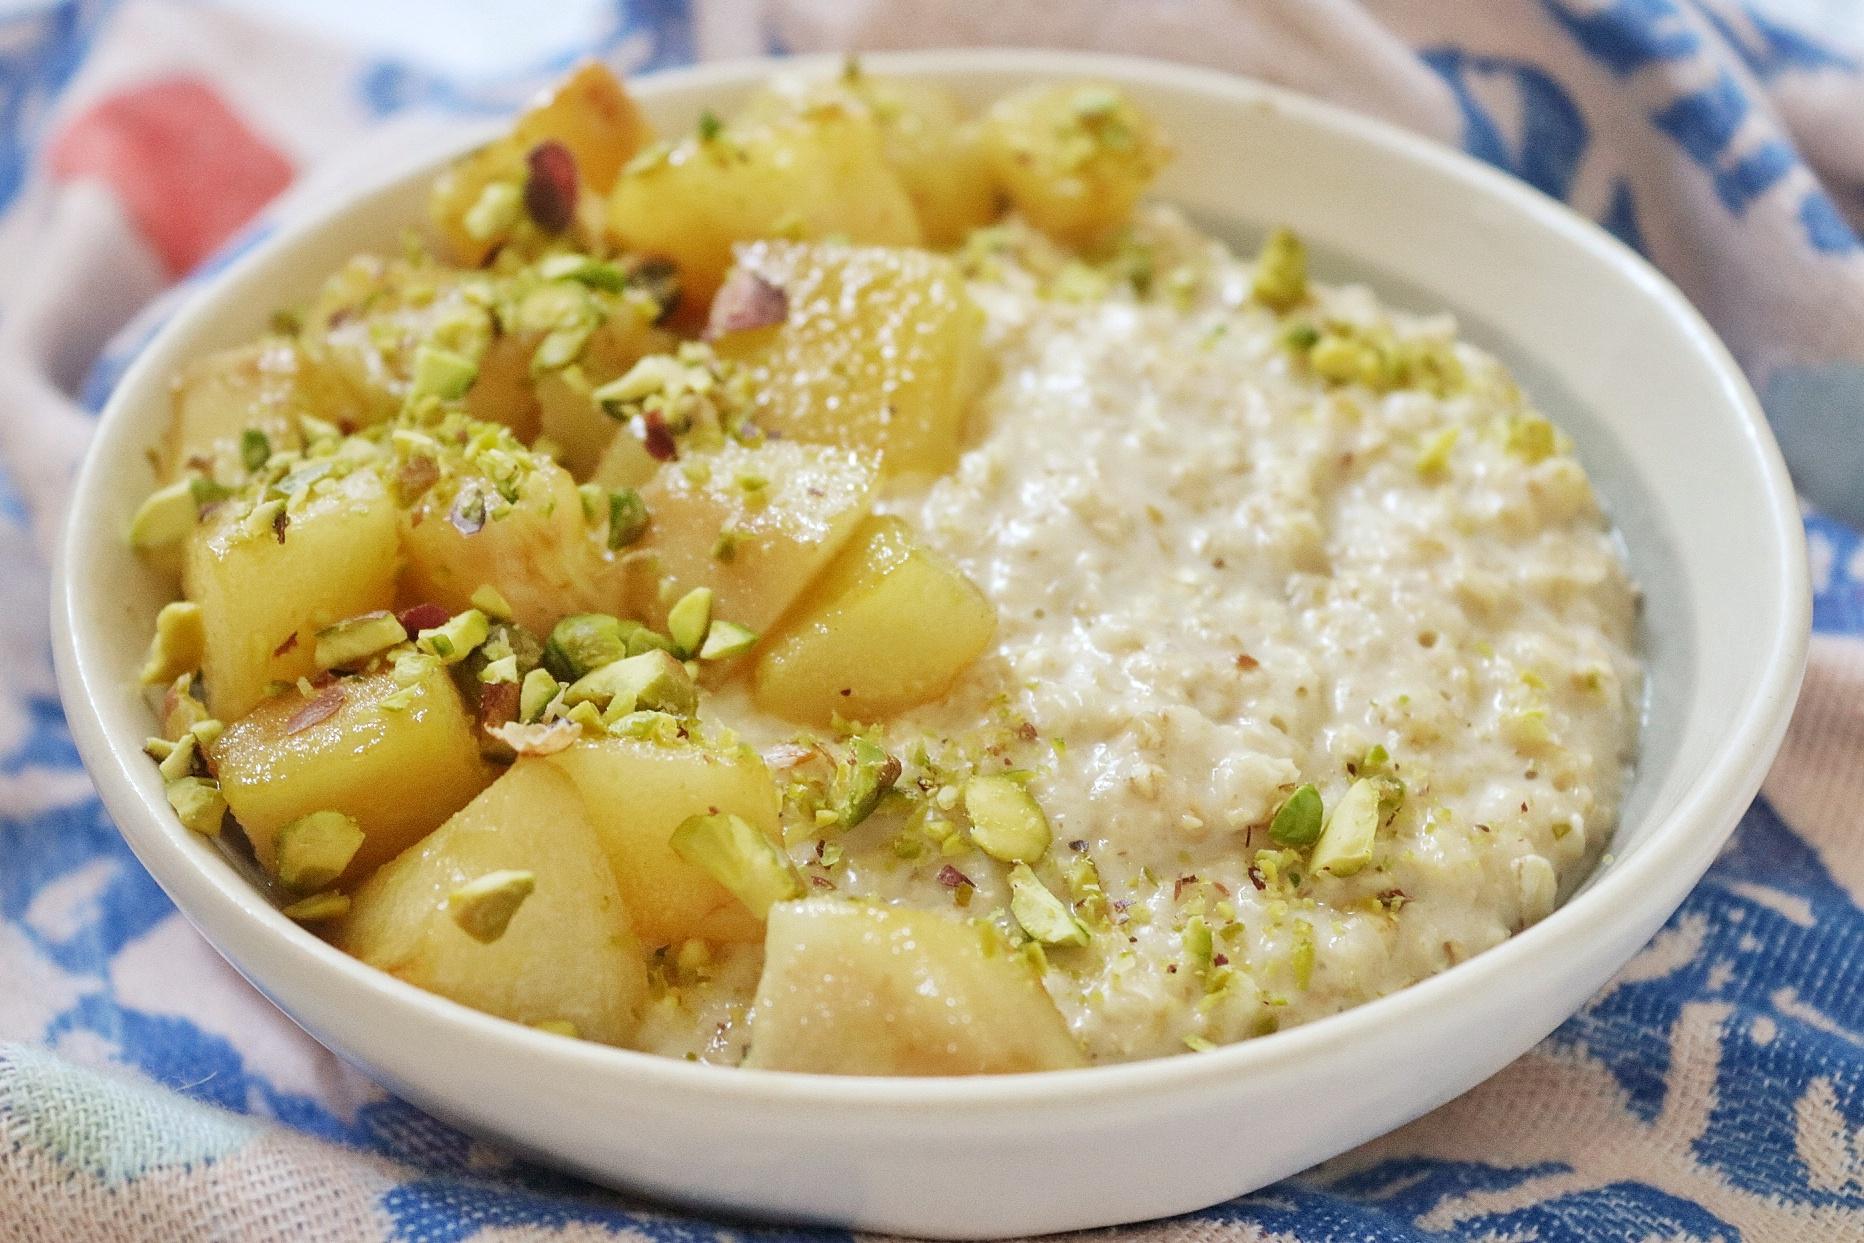 Vegan Pear, Pistachio and Cardamom Porridge